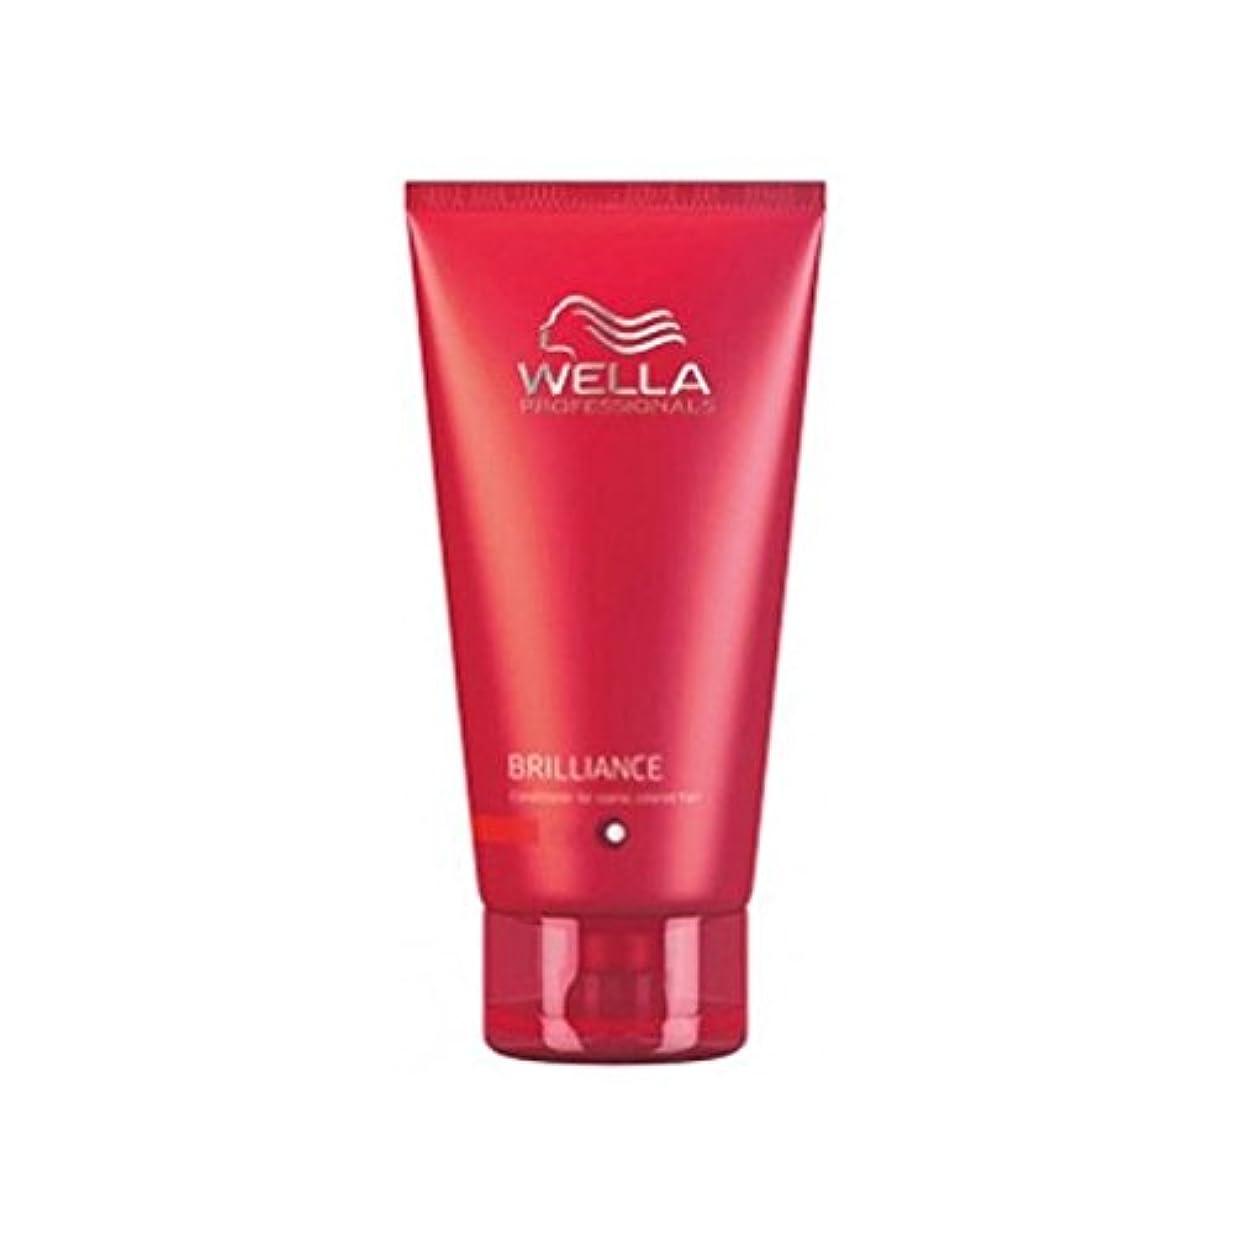 パールボランティアジョリーウェラの専門家が通常に細かいためのコンディショナーを輝き、色の髪(200ミリリットル) x2 - Wella Professionals Brilliance Conditioner For Fine To Normal, Coloured Hair (200ml) (Pack of 2) [並行輸入品]